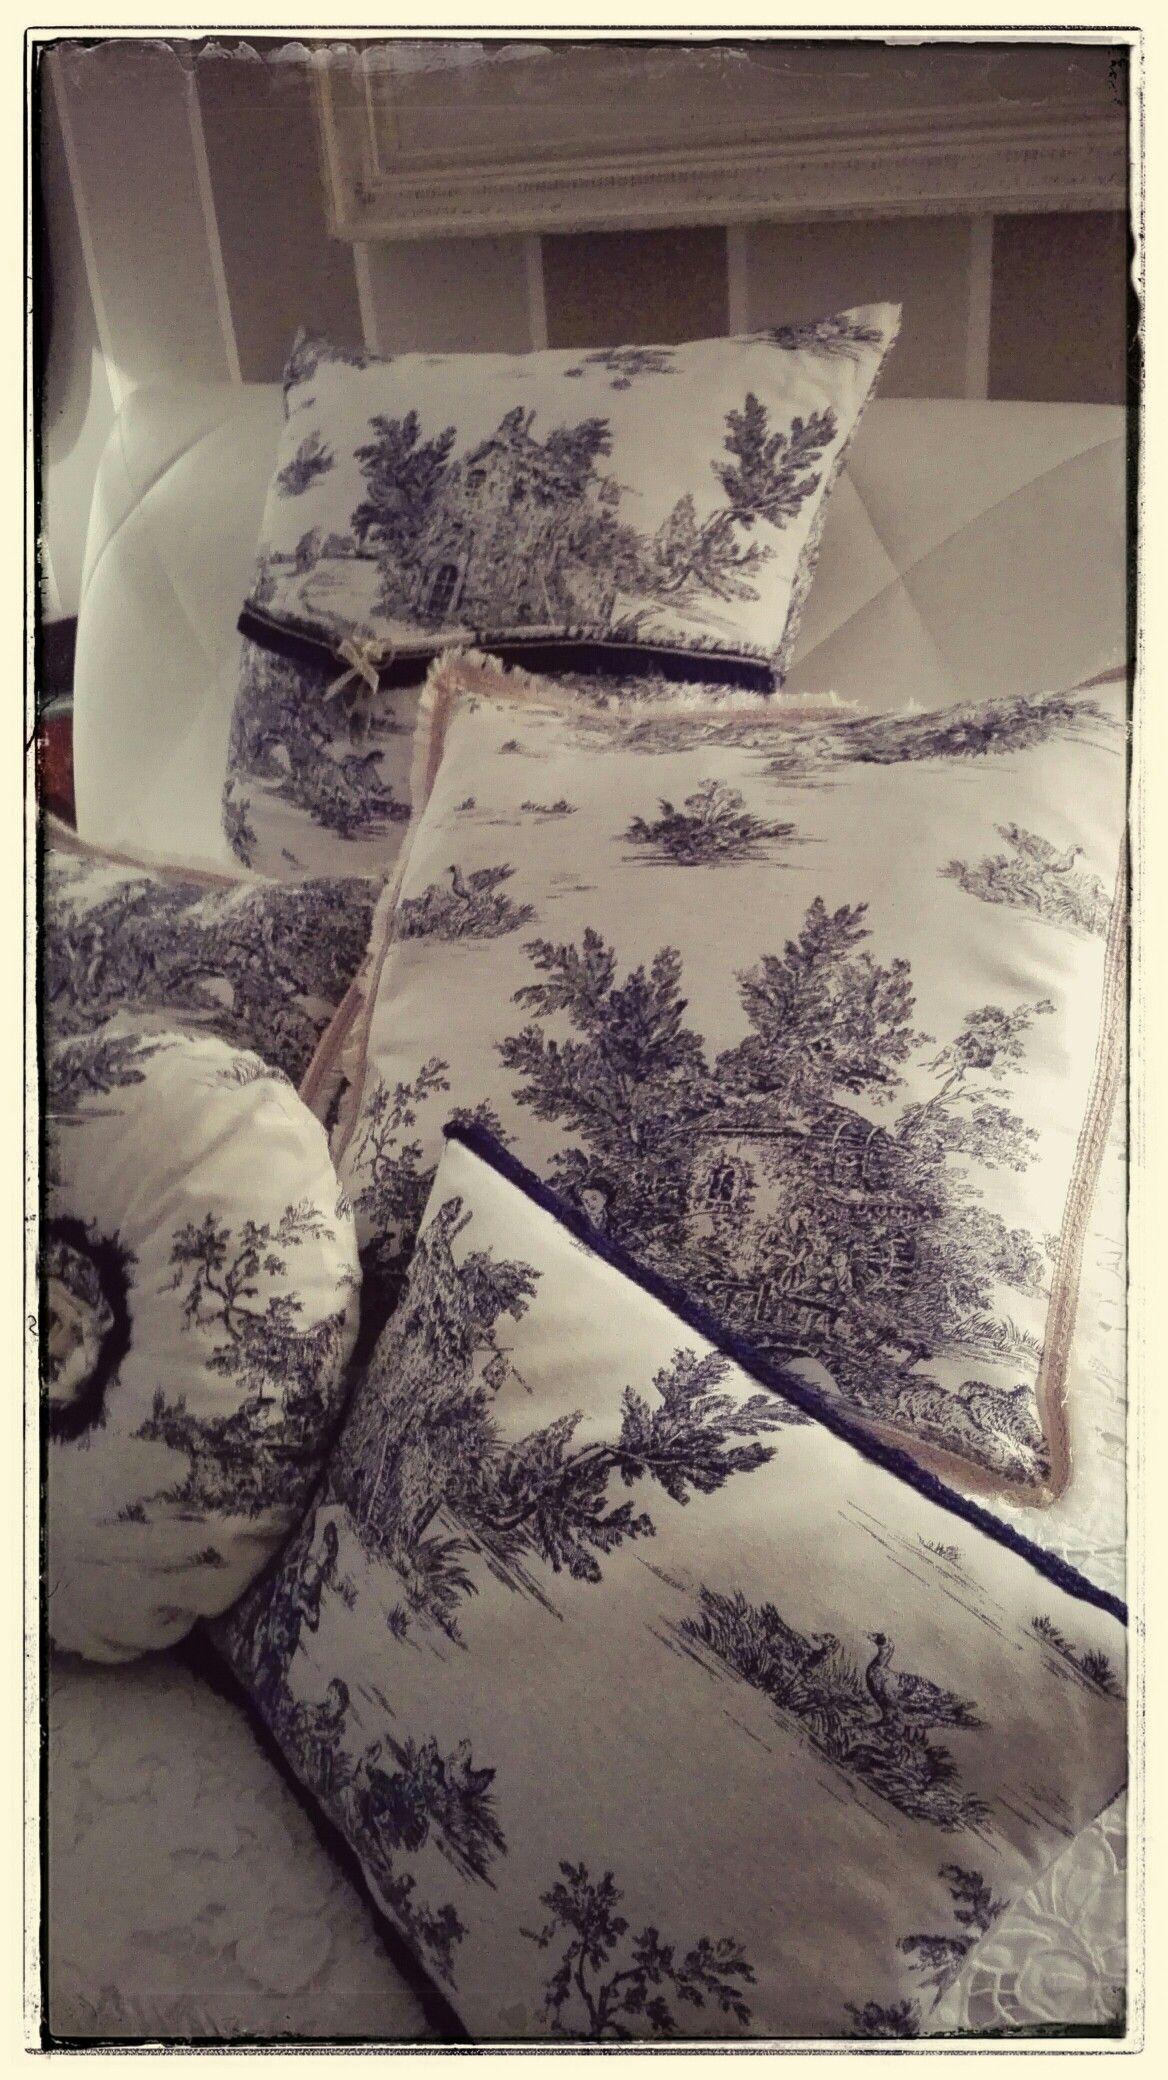 Cuscini handmade realizzati con tessuto Toile de jouy, per una ...